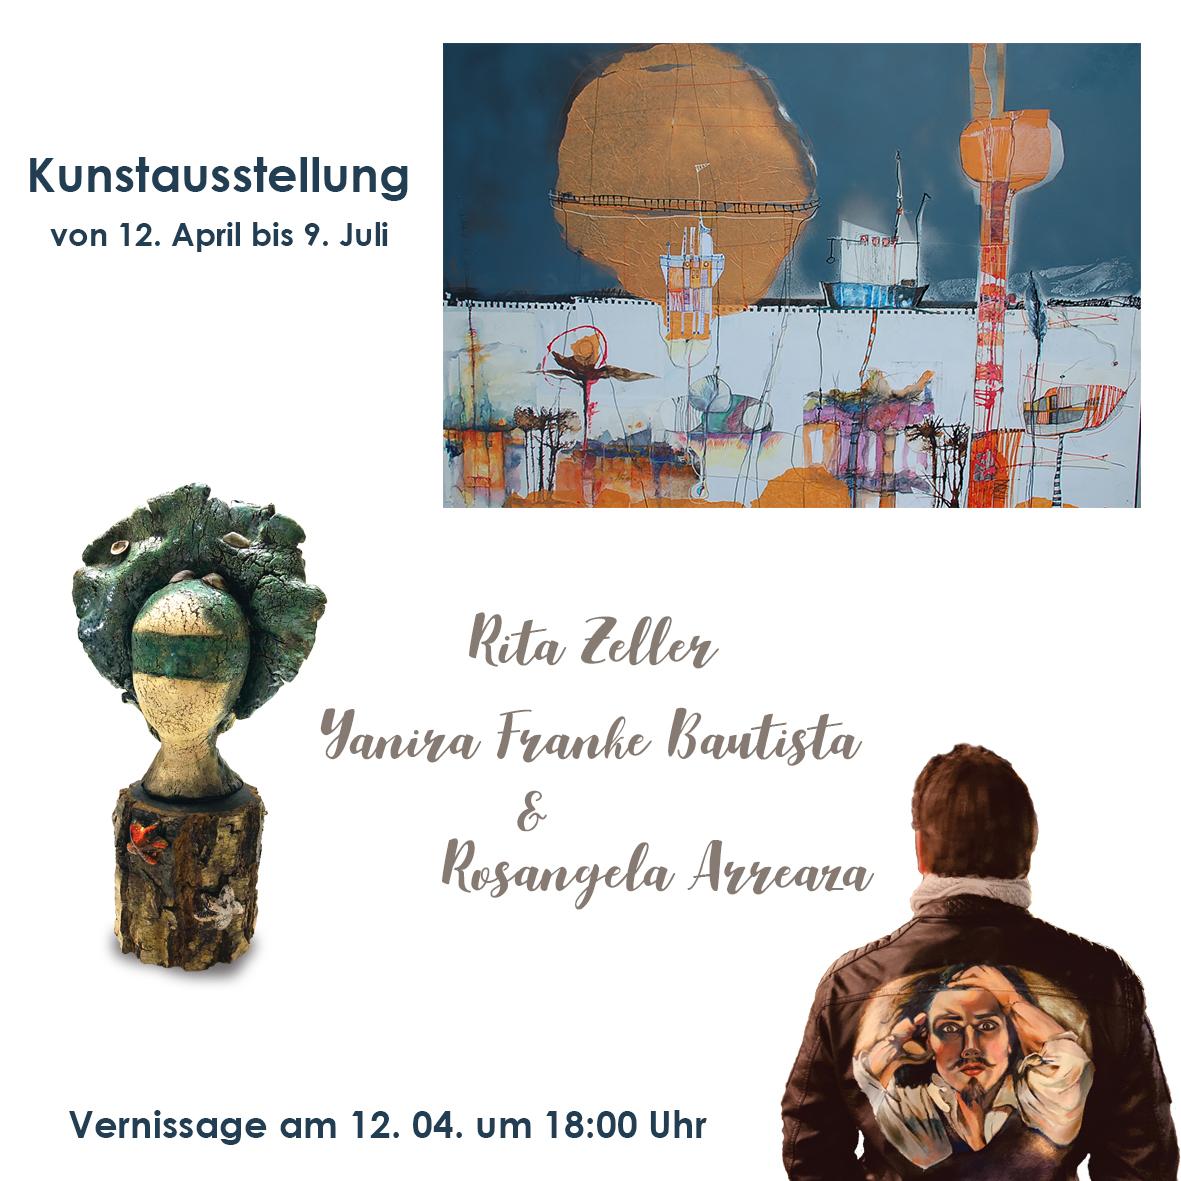 kunstausstellung IN.jpg